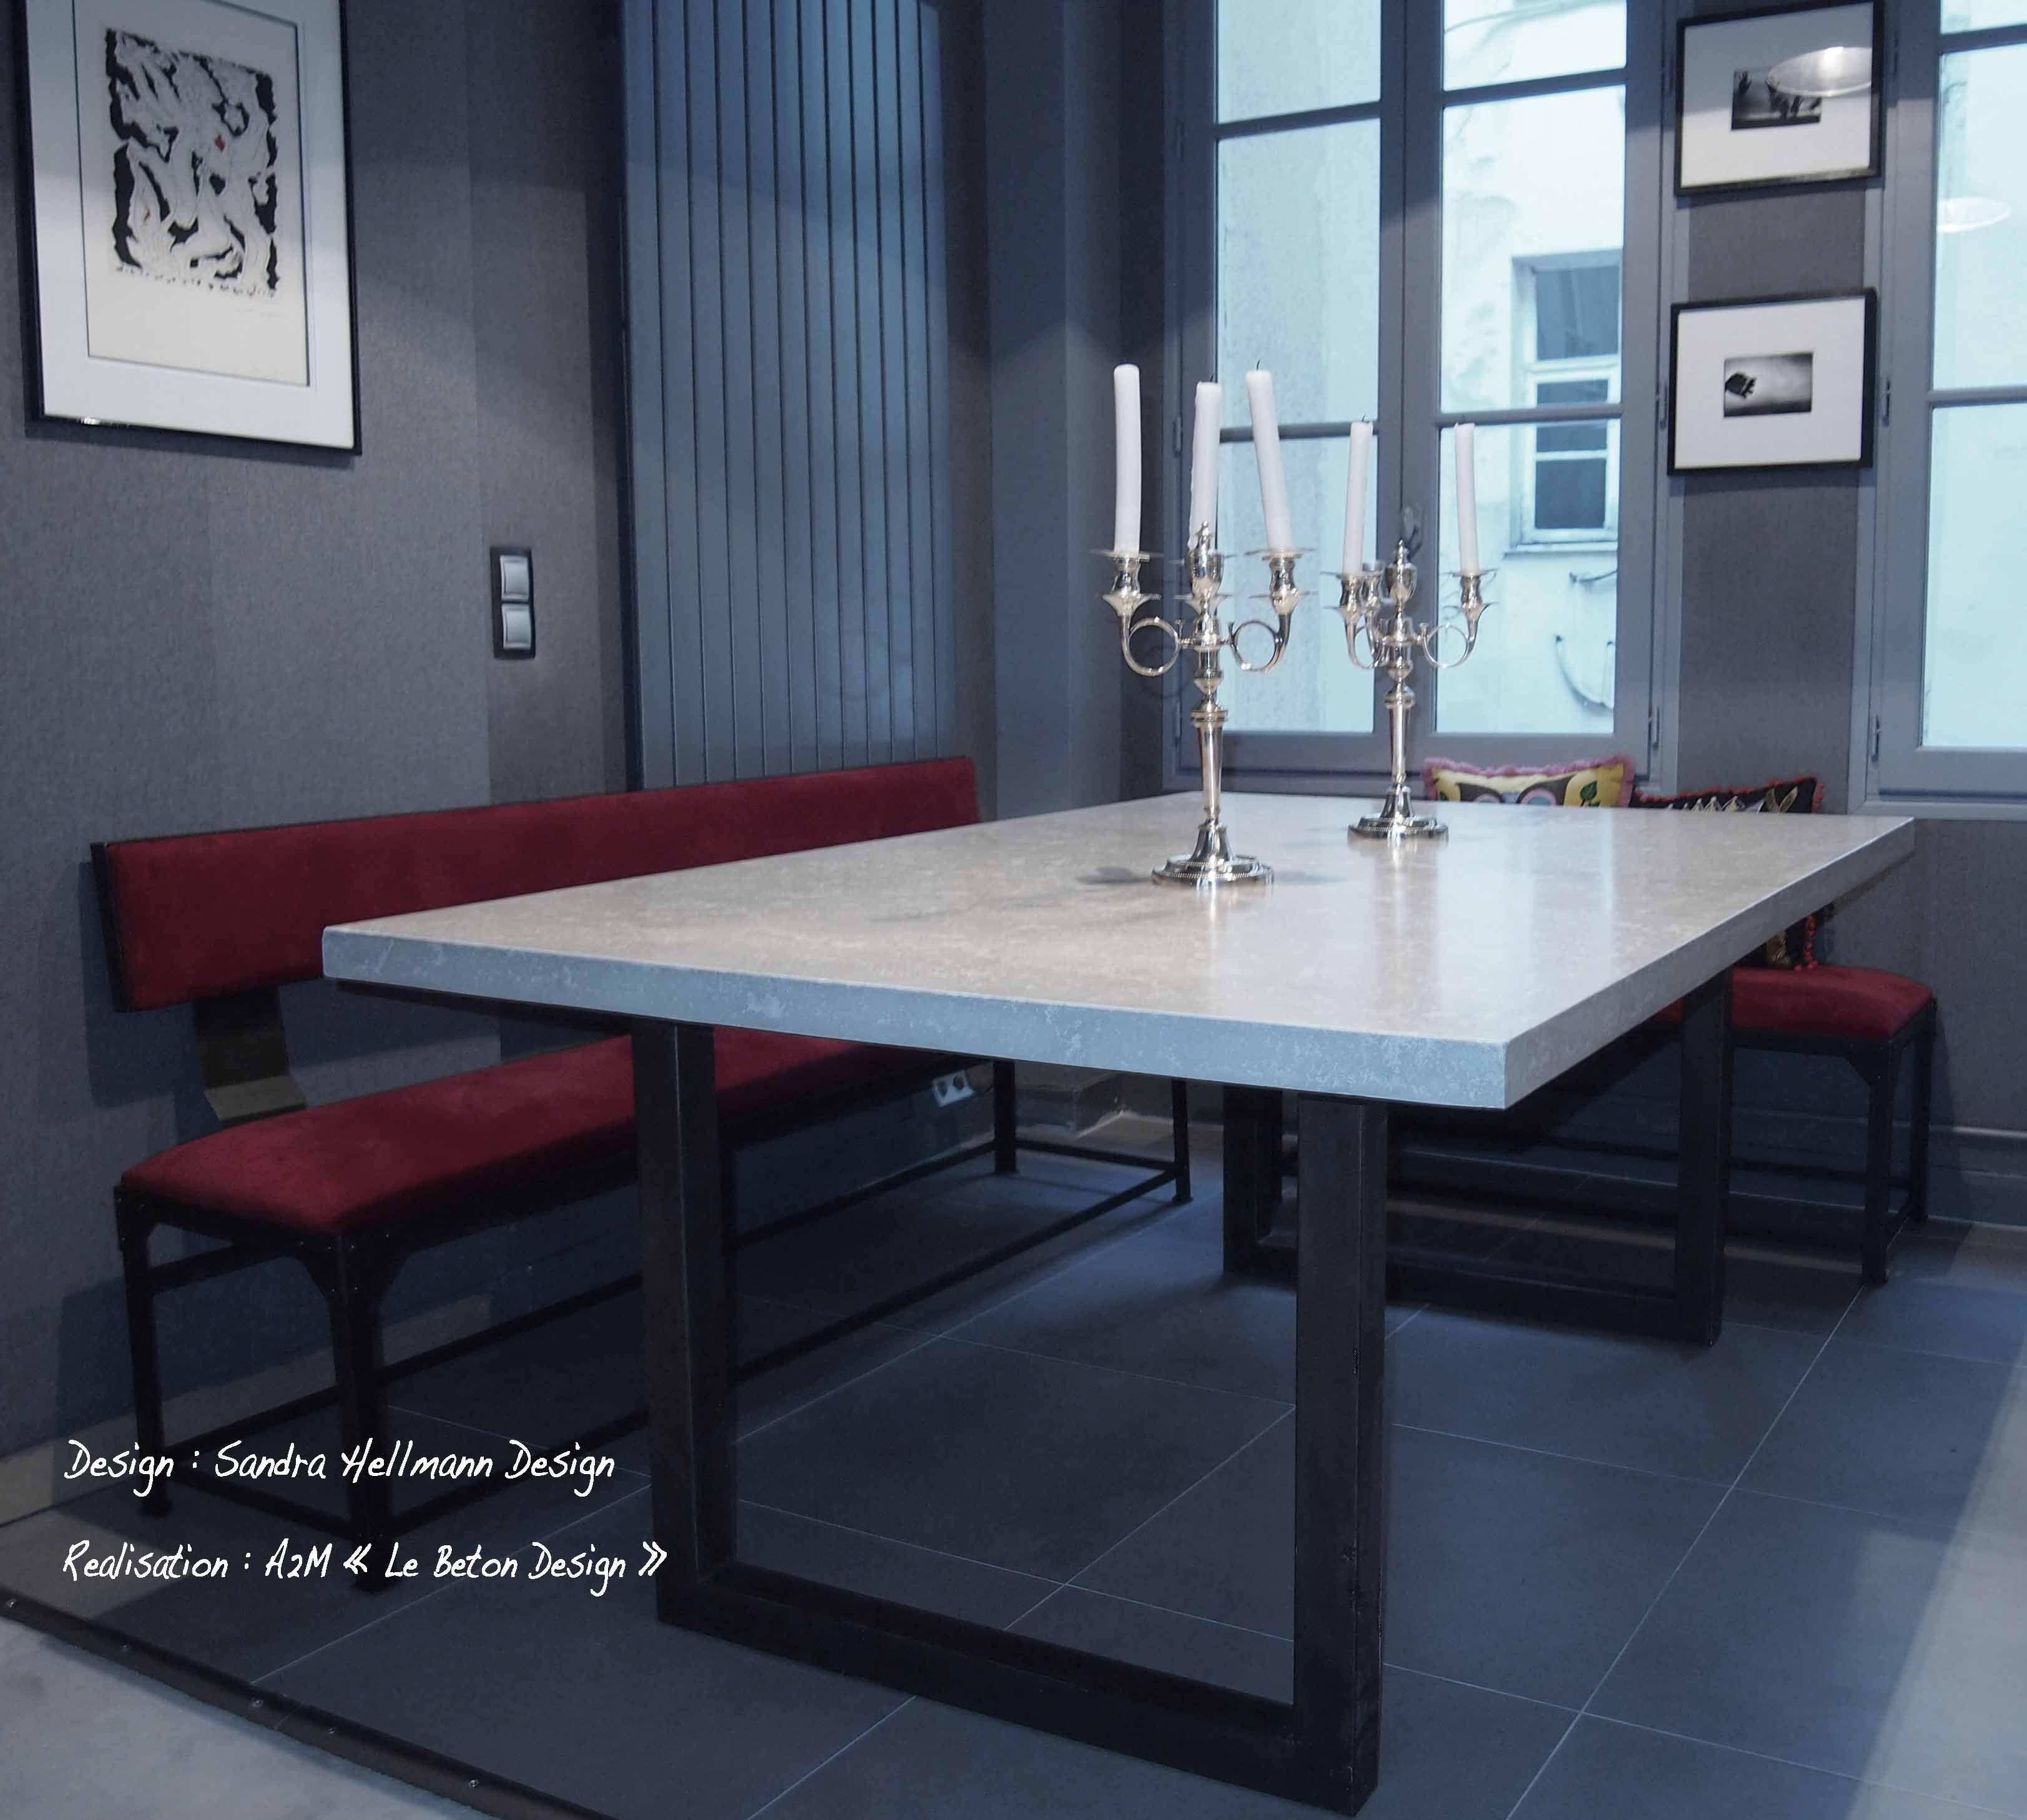 Table sur mesure Beton/acier pour Le Beton Design, dessiné par ...